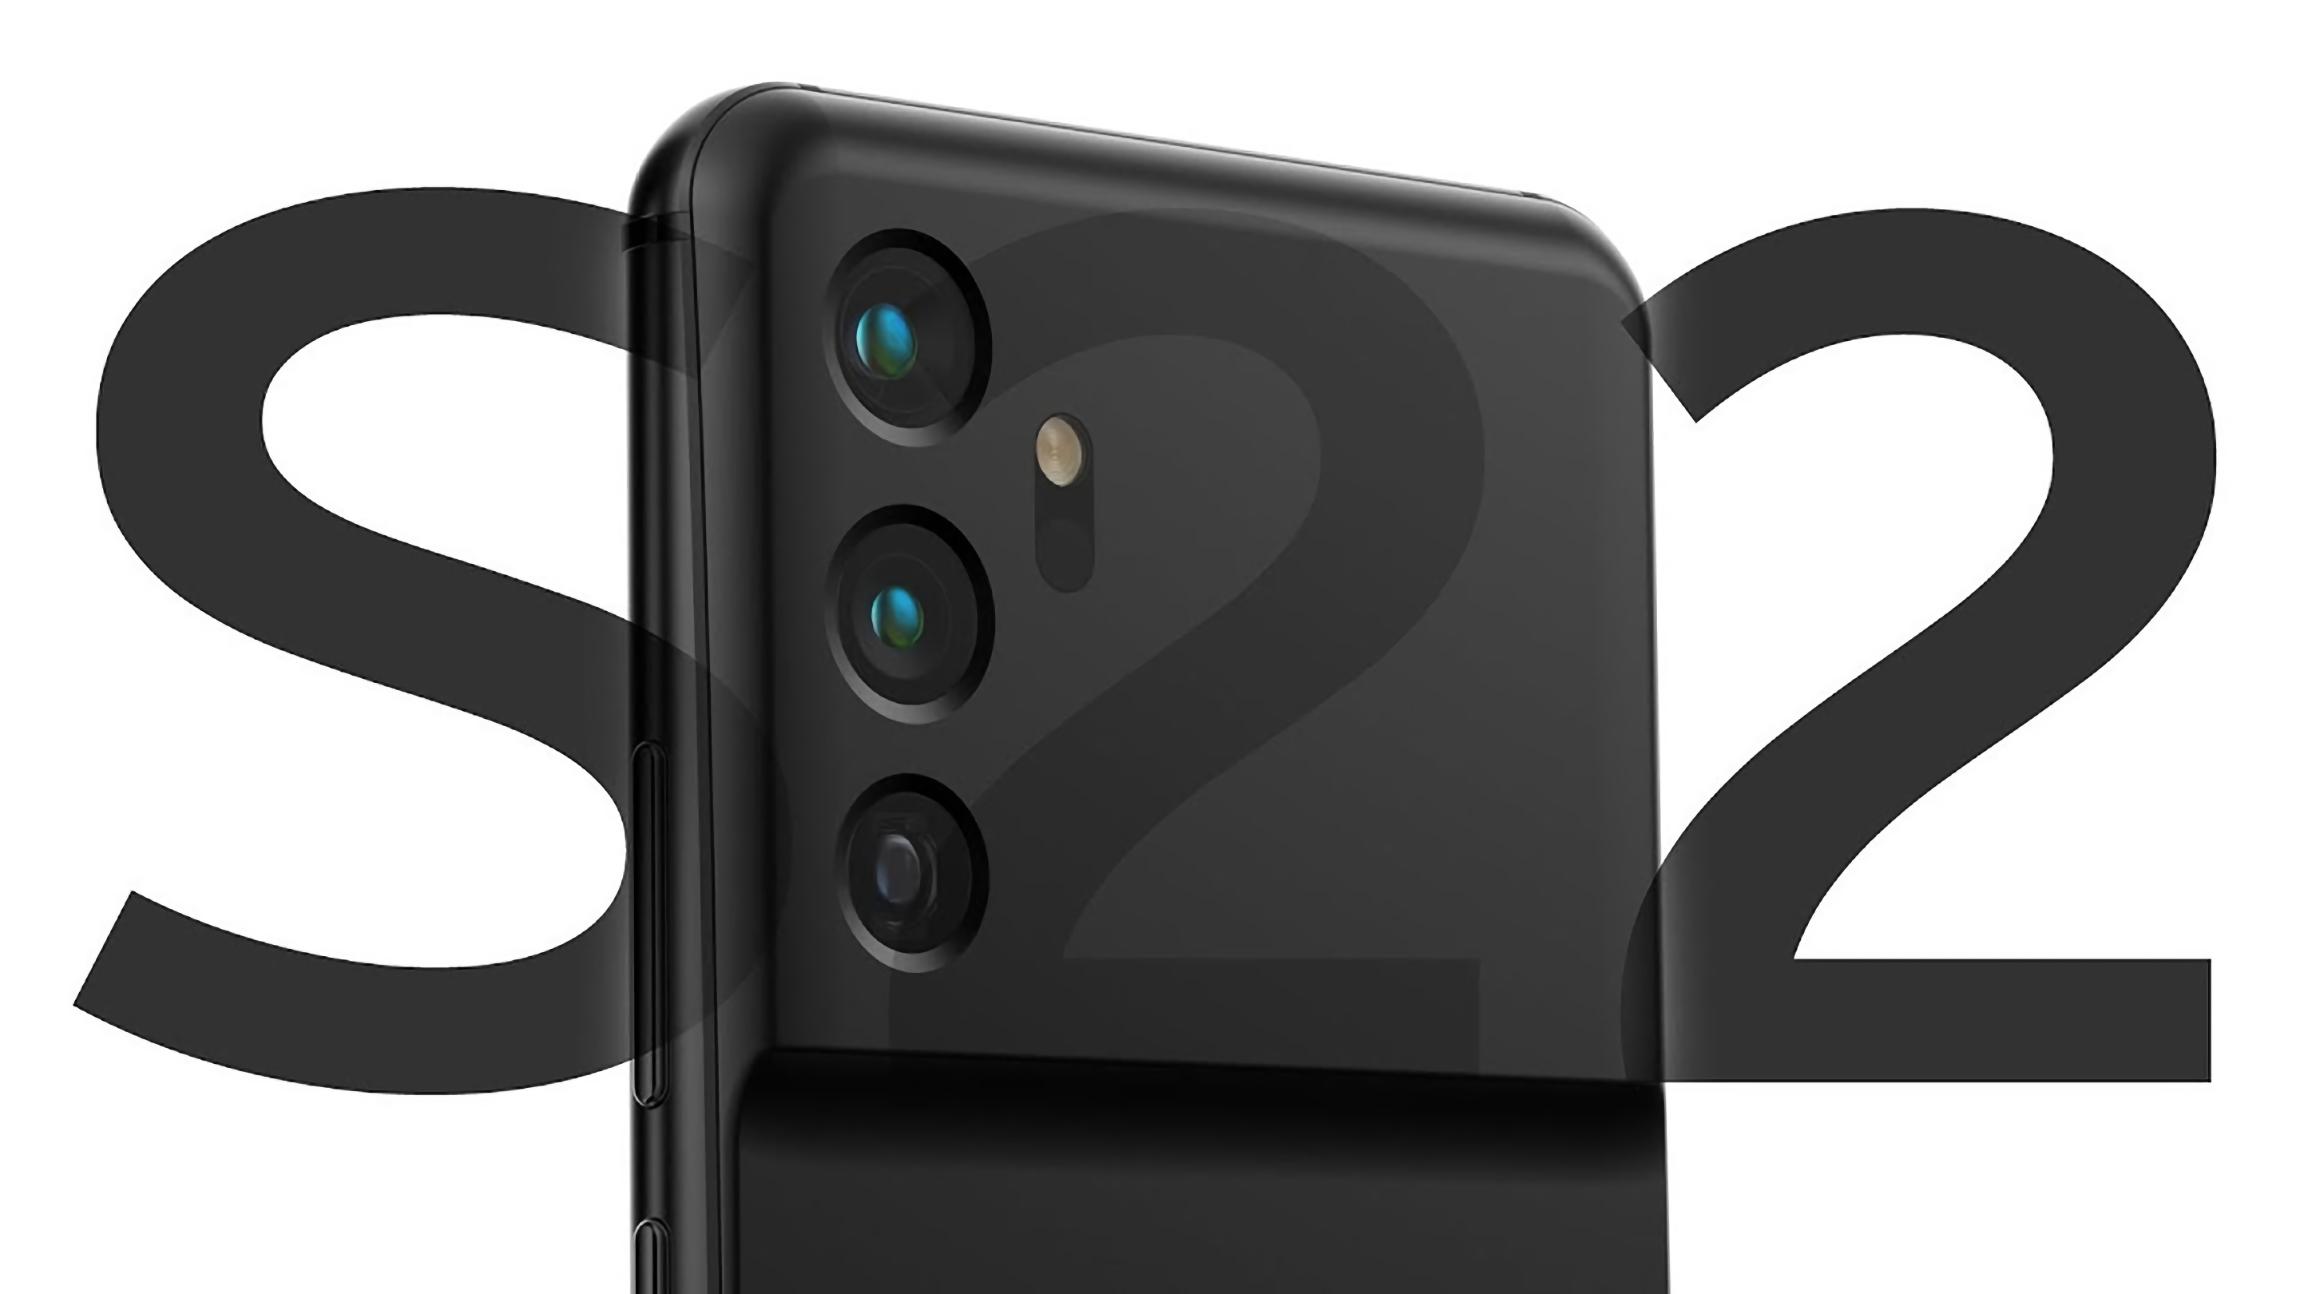 Компактный флагман: инсайдер показал как будет выглядеть Galaxy S22 в сравнении с iPhone 13